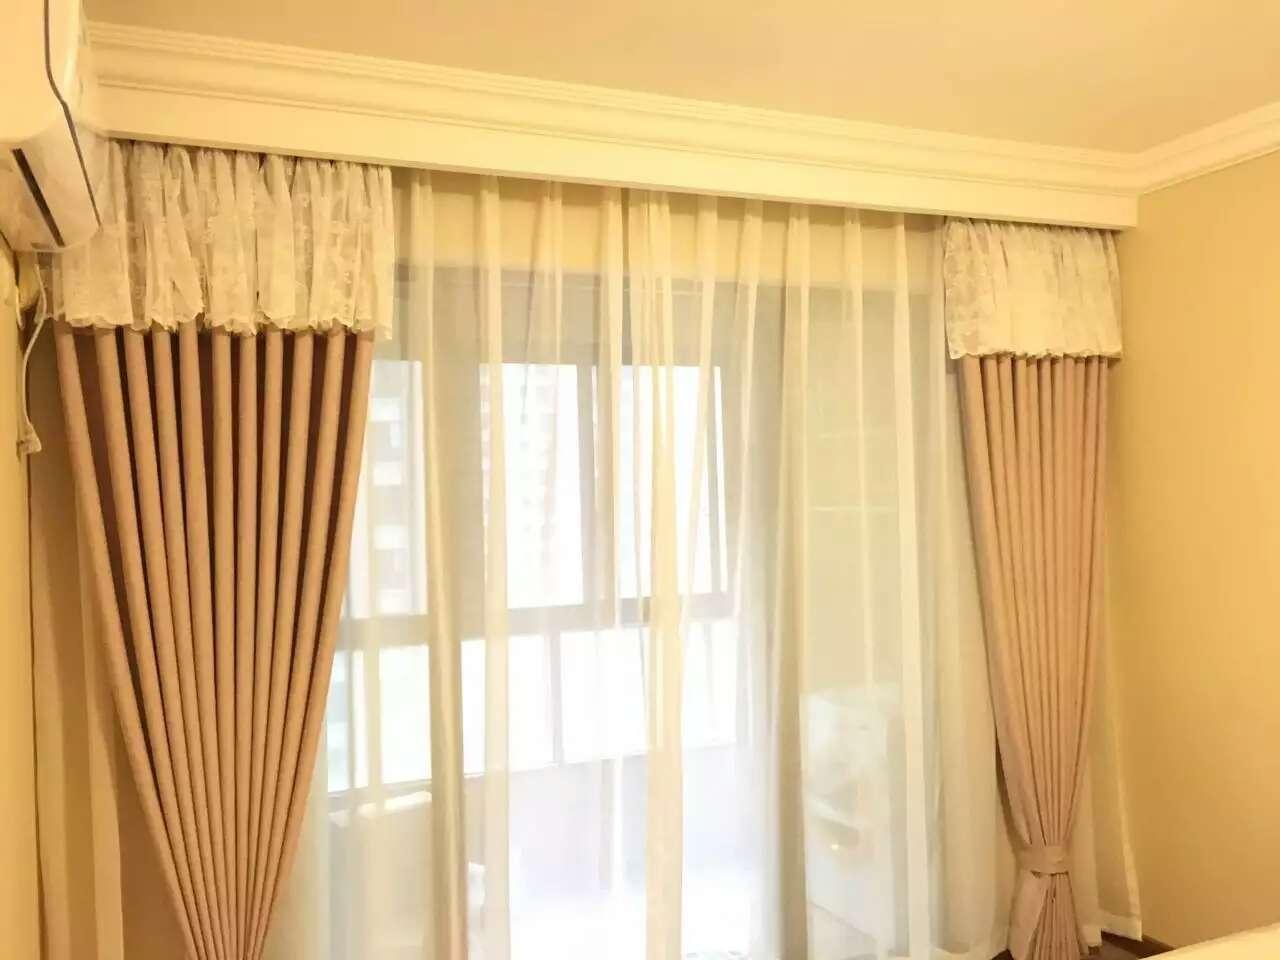 隔热窗帘的作用及选购技巧_隔热窗帘最新价格